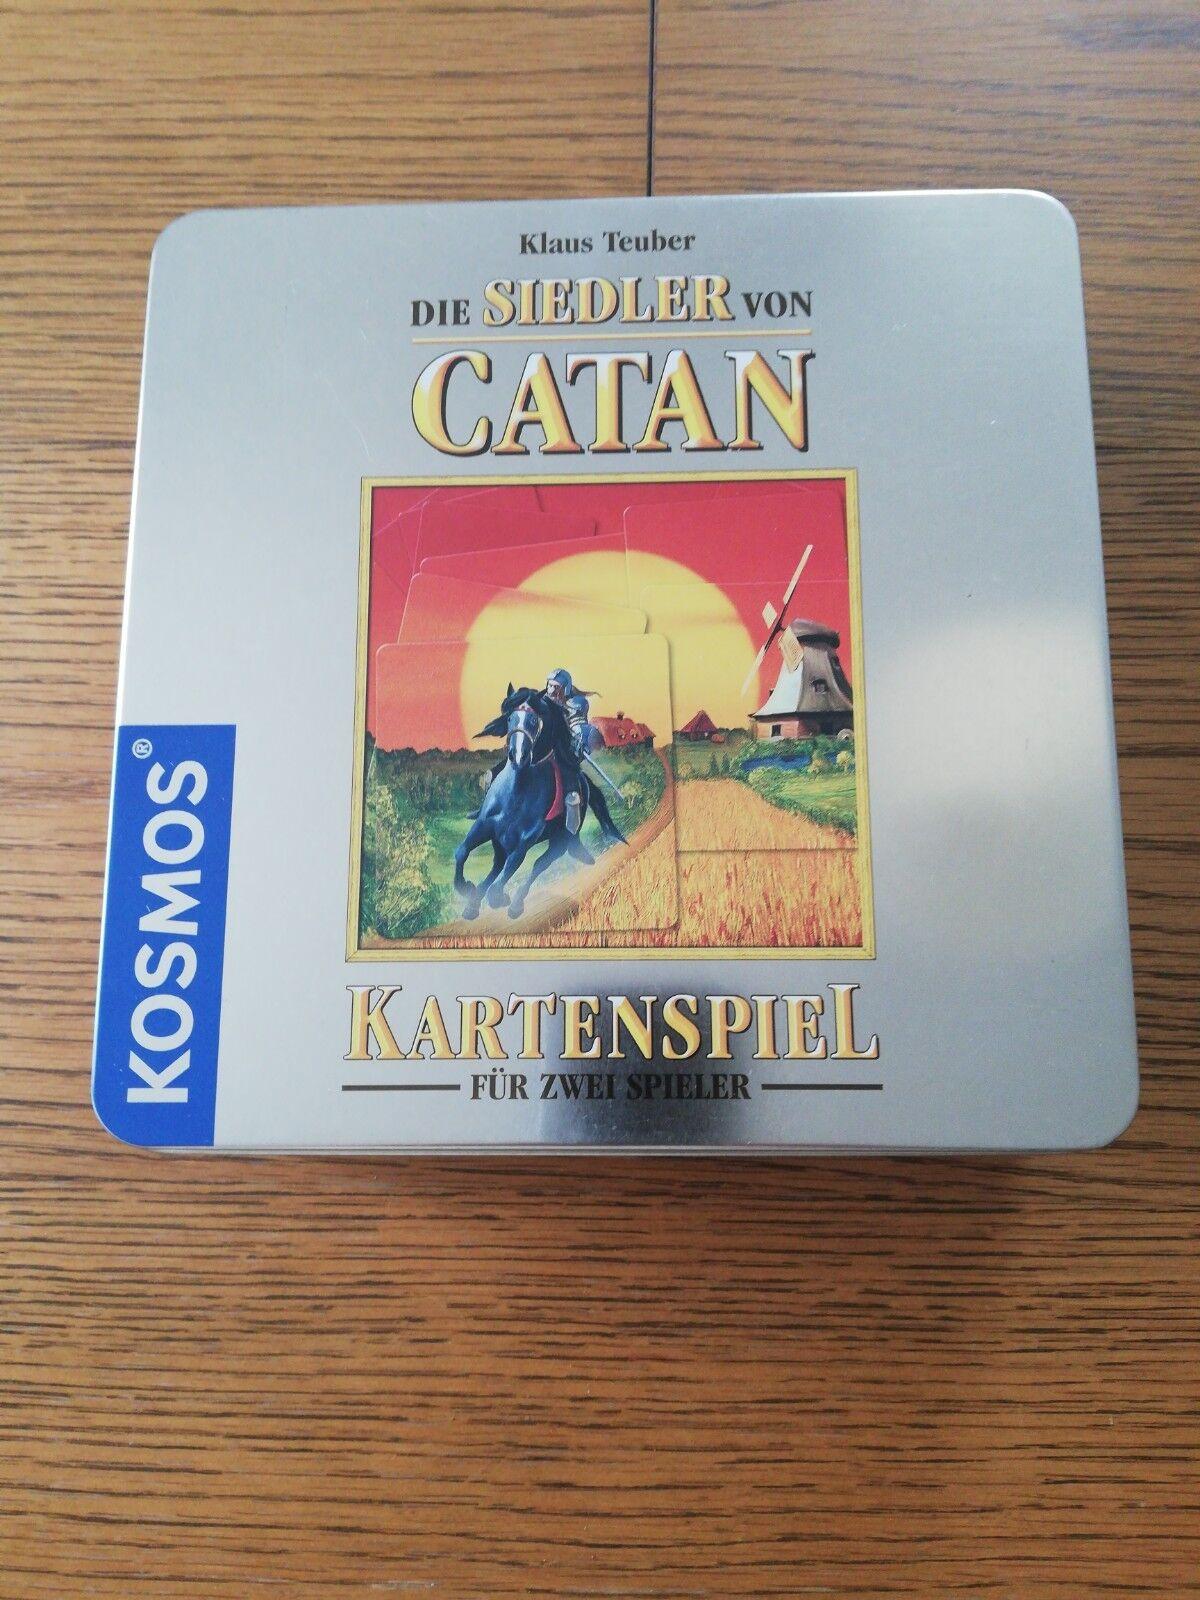 Les Colons de Catane-Jeu de cartes pour deux joueurs-Blechbox-Cosmos-partie neuf neuf neuf dans sa boîte - 41b5ea